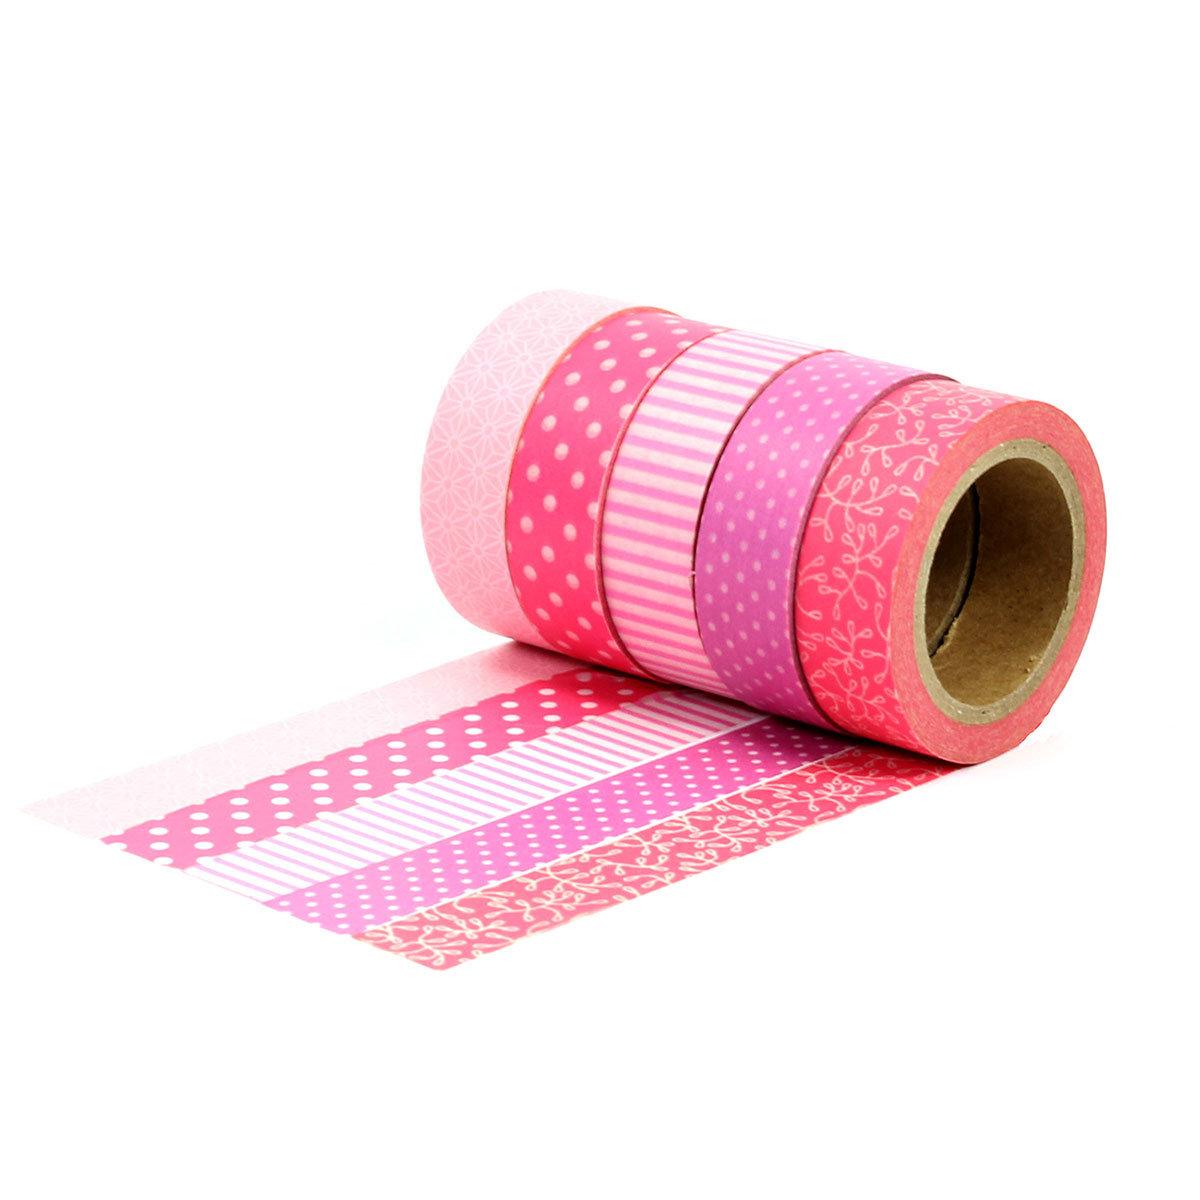 washi tape set 3 mit 5 rollen rot masking tape zum bekleben und verzieren von geschenken. Black Bedroom Furniture Sets. Home Design Ideas